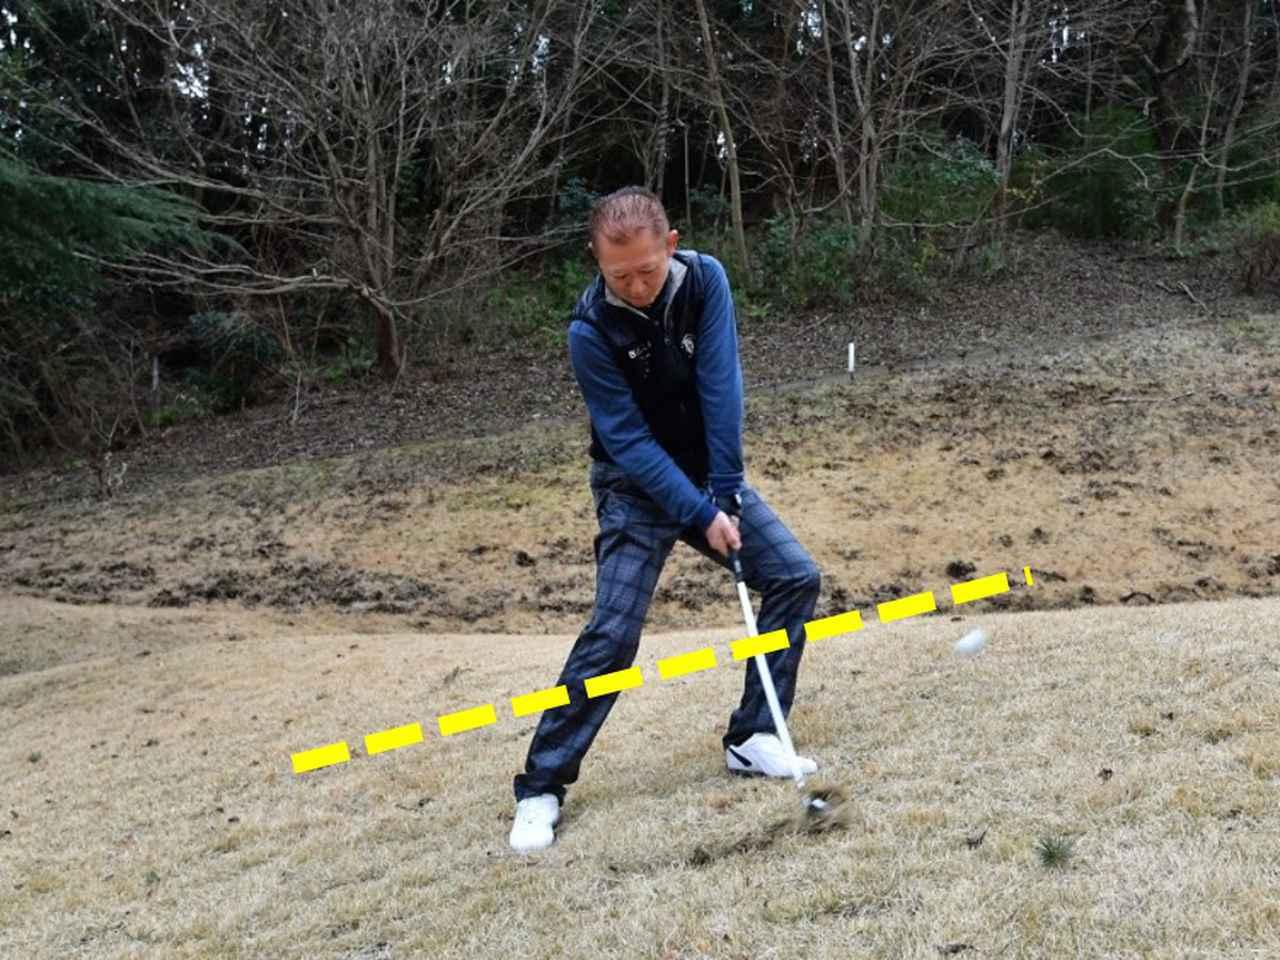 画像3: 【クラチャンと回ろう!】伊勢原カントリークラブ。急傾斜からナイスオン。フラットなゴルフ場では味わえない「快感」です!